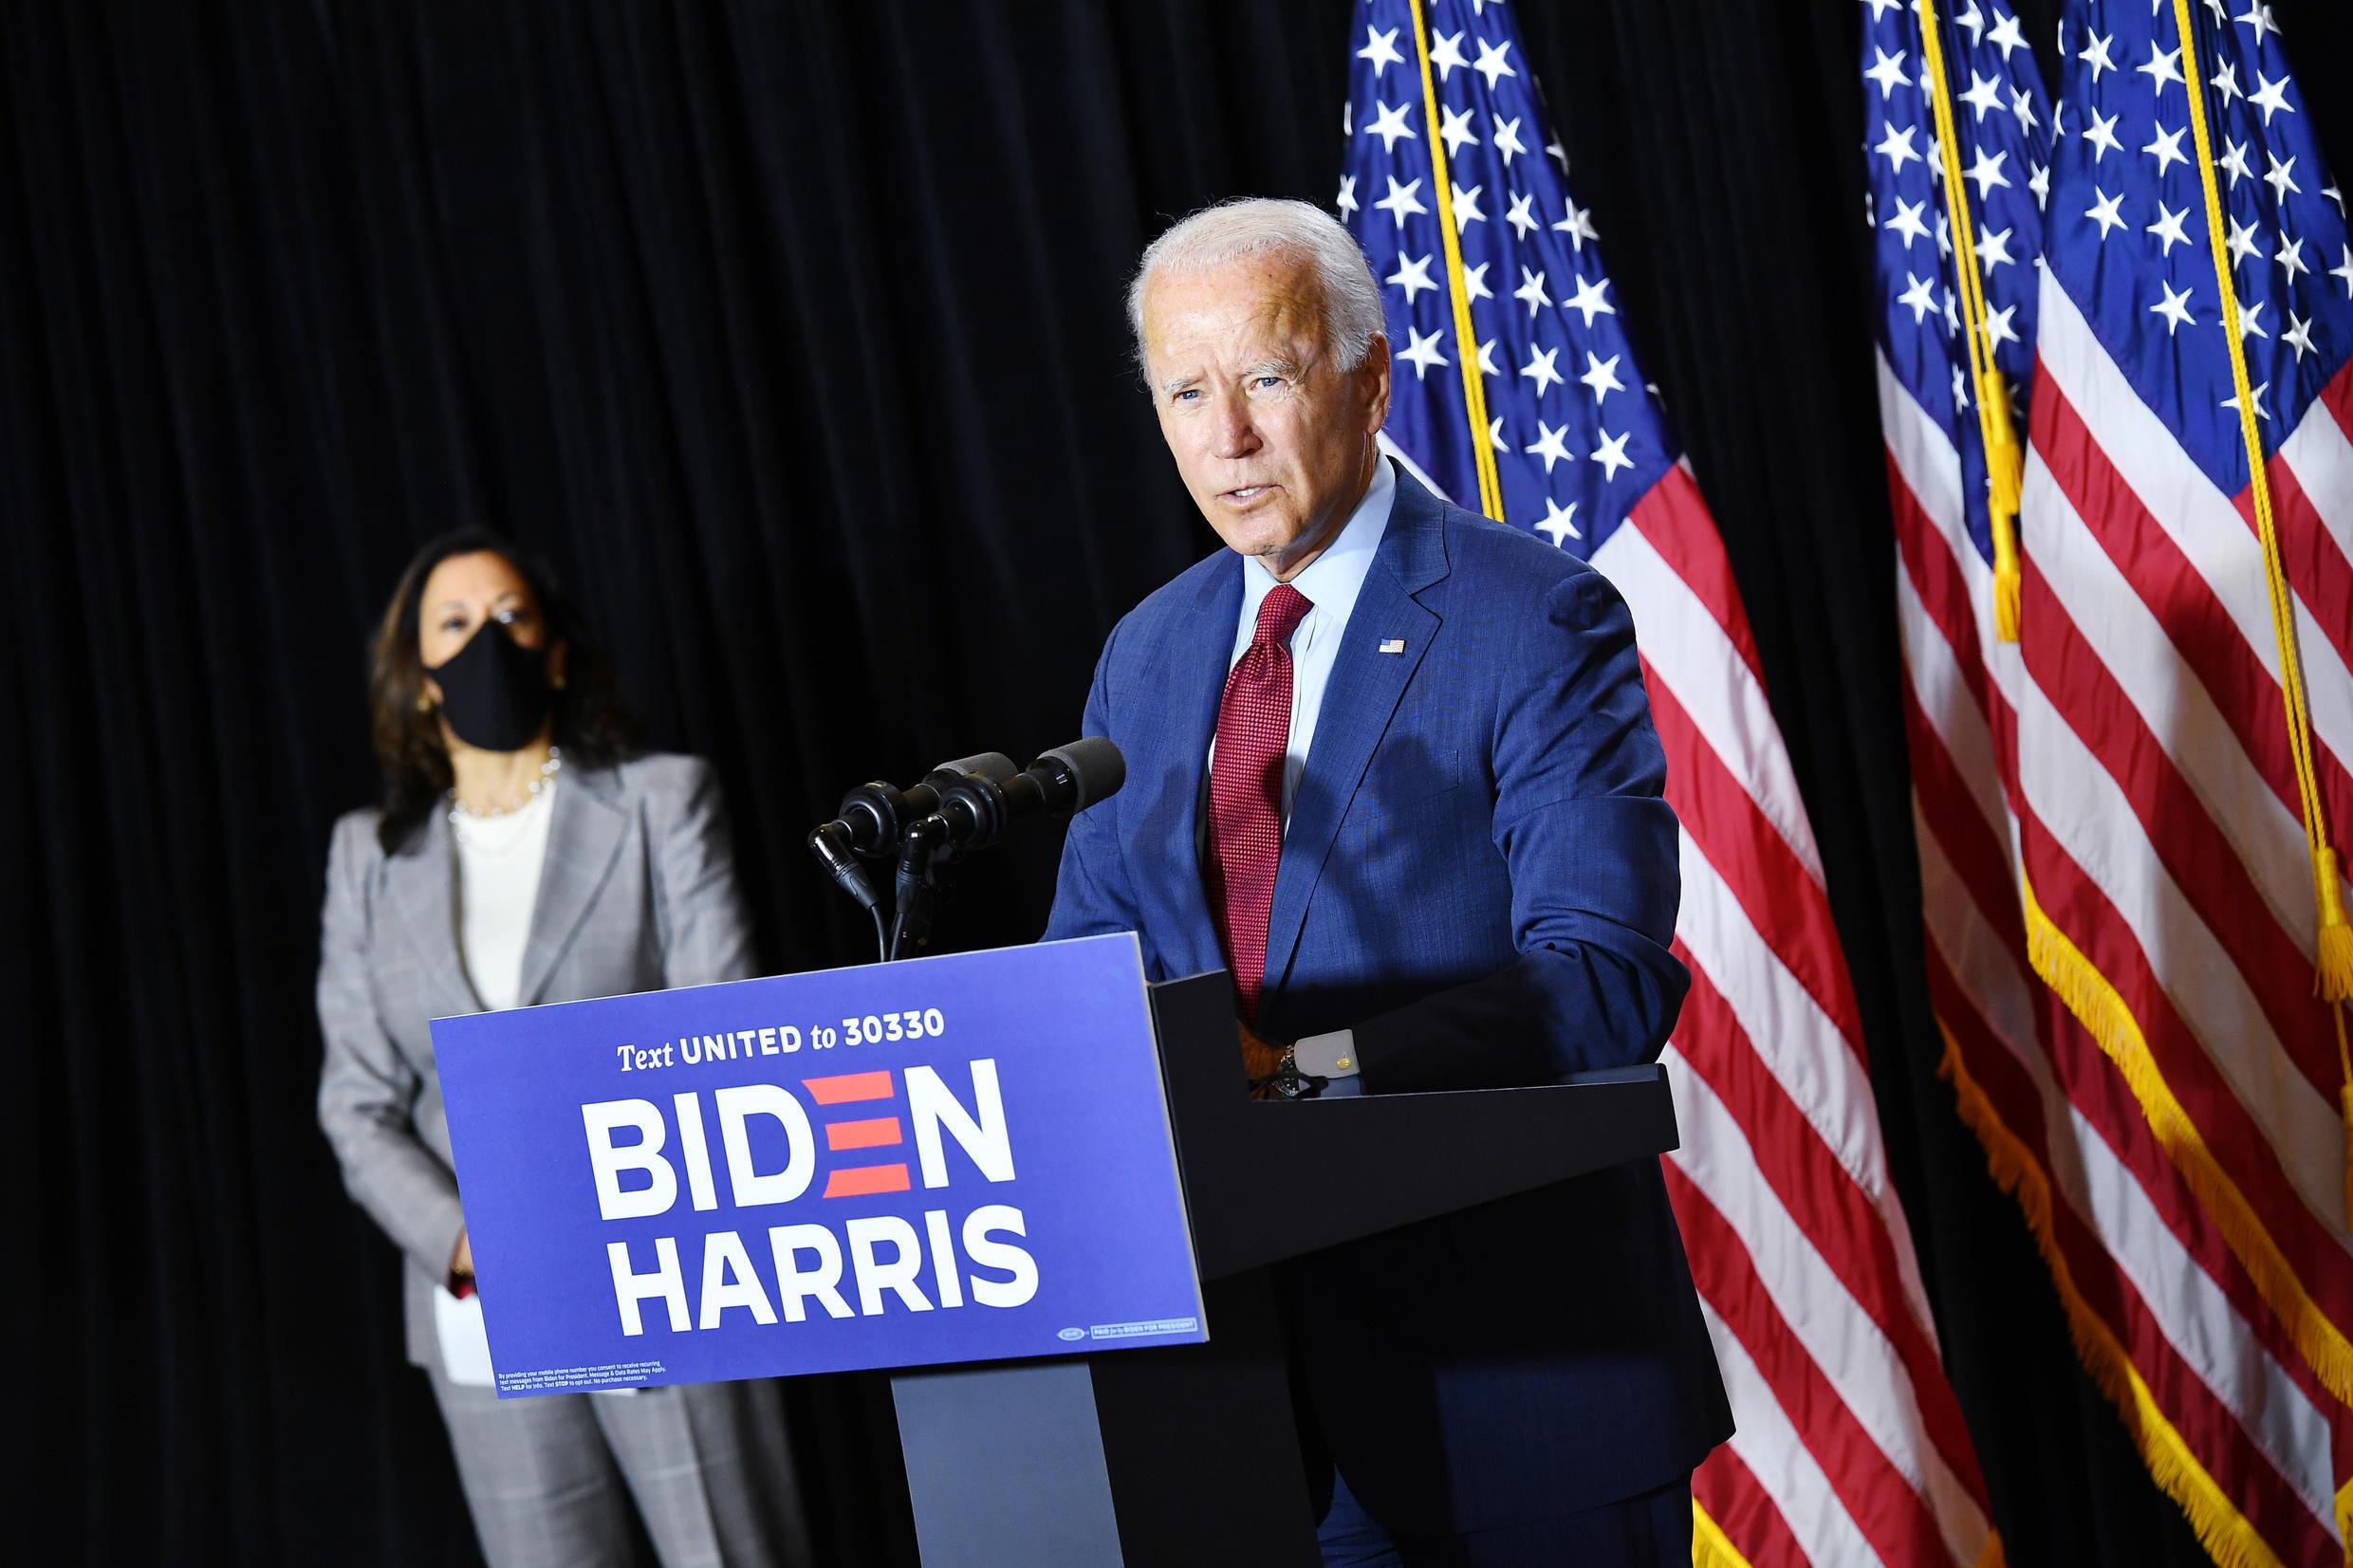 Joe Biden (D), candidato demócrata a la presidencia de Estados Unidos, y Kamala Harris (I), su compañera de fórmula, durante una conferencia de prensa en Wilmington, Delaware, el 13 de agosto de 2020